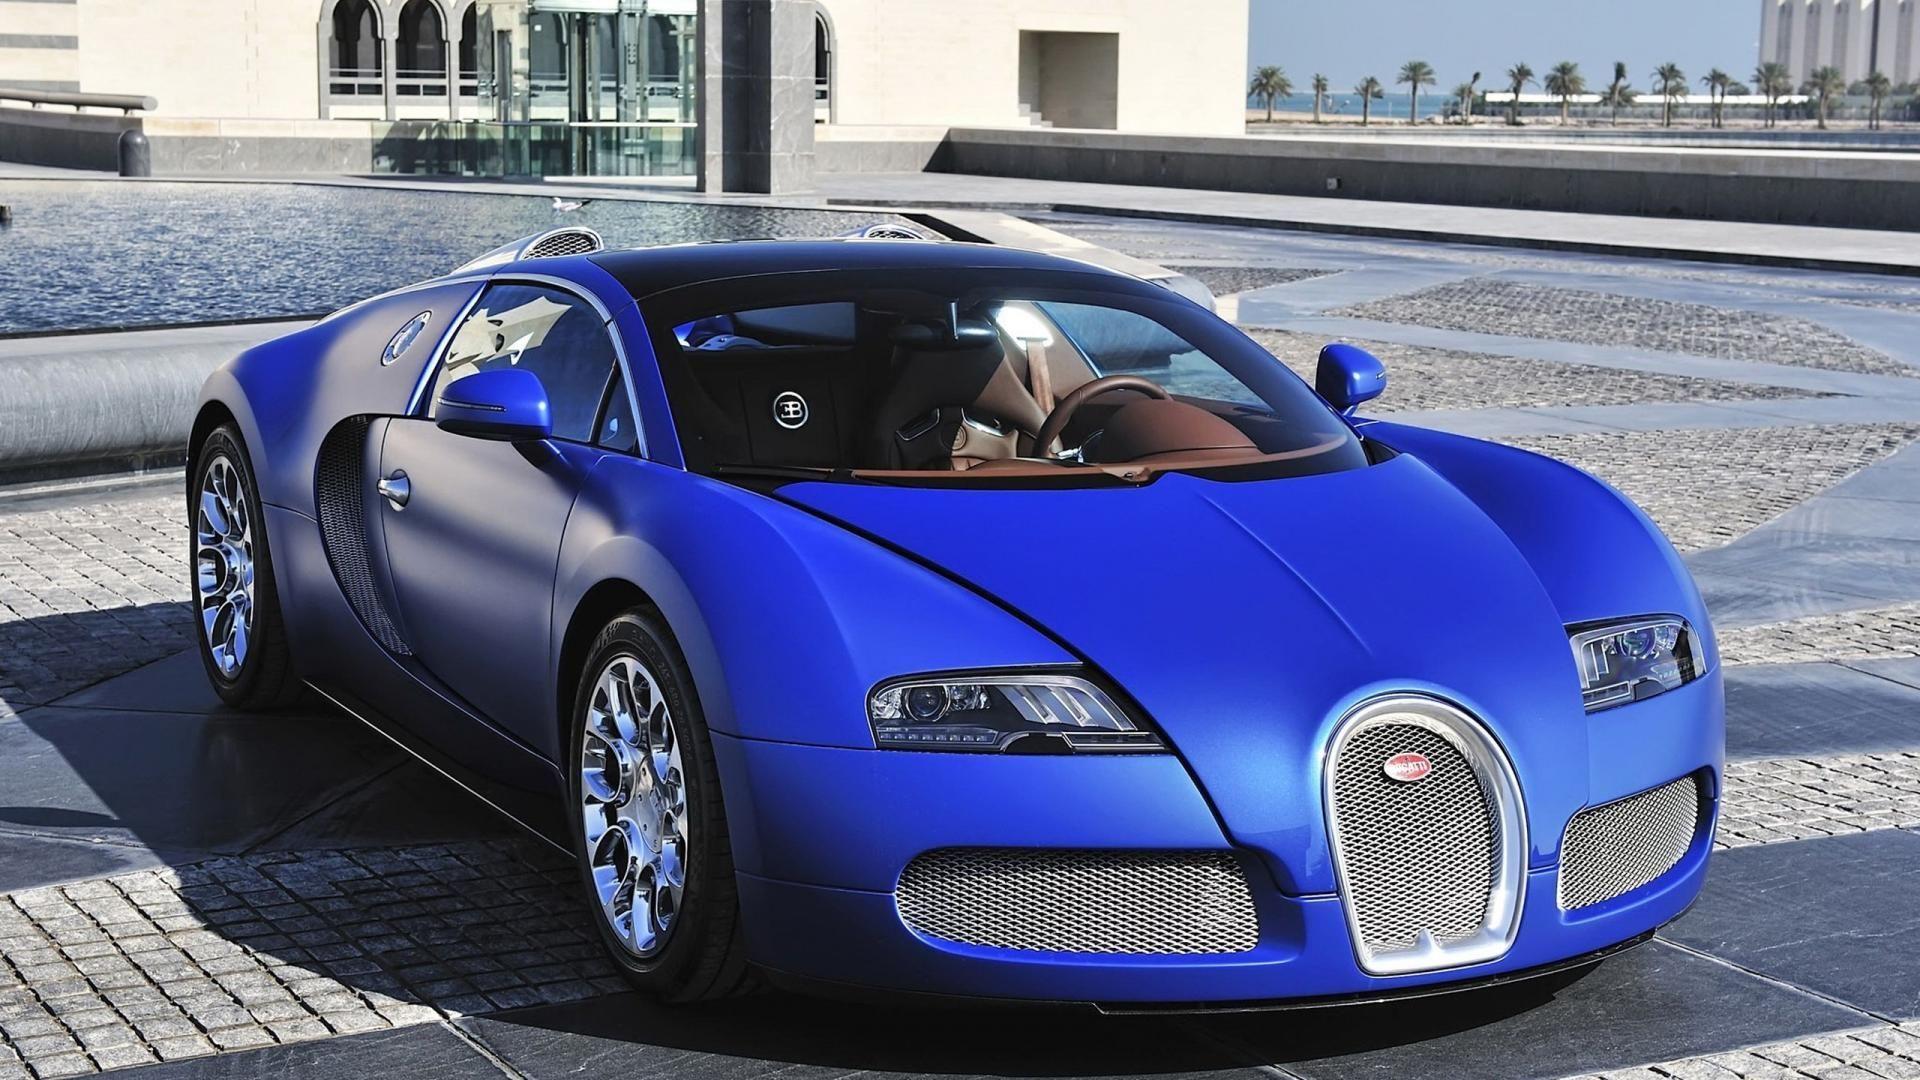 Download Bugatti Veyron Images Bugatti Veyron Bugatti Cars Veyron